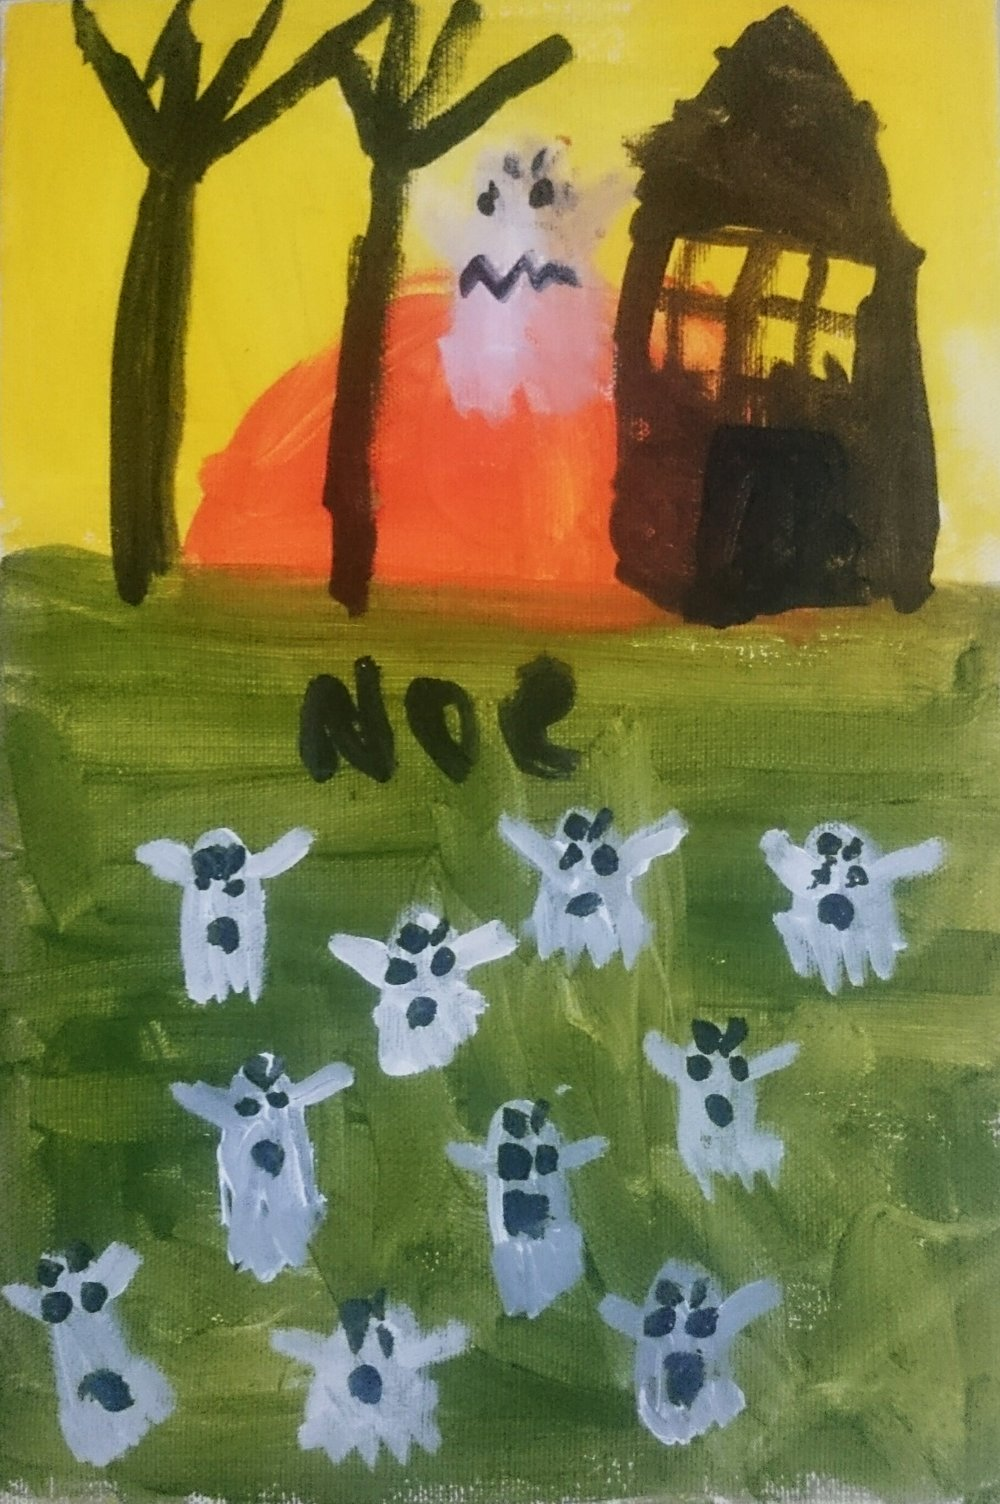 Judul : Hantu Siang Bolong Artis : Noe, Kelas 2 SD Medium : Acryllic di kanvas